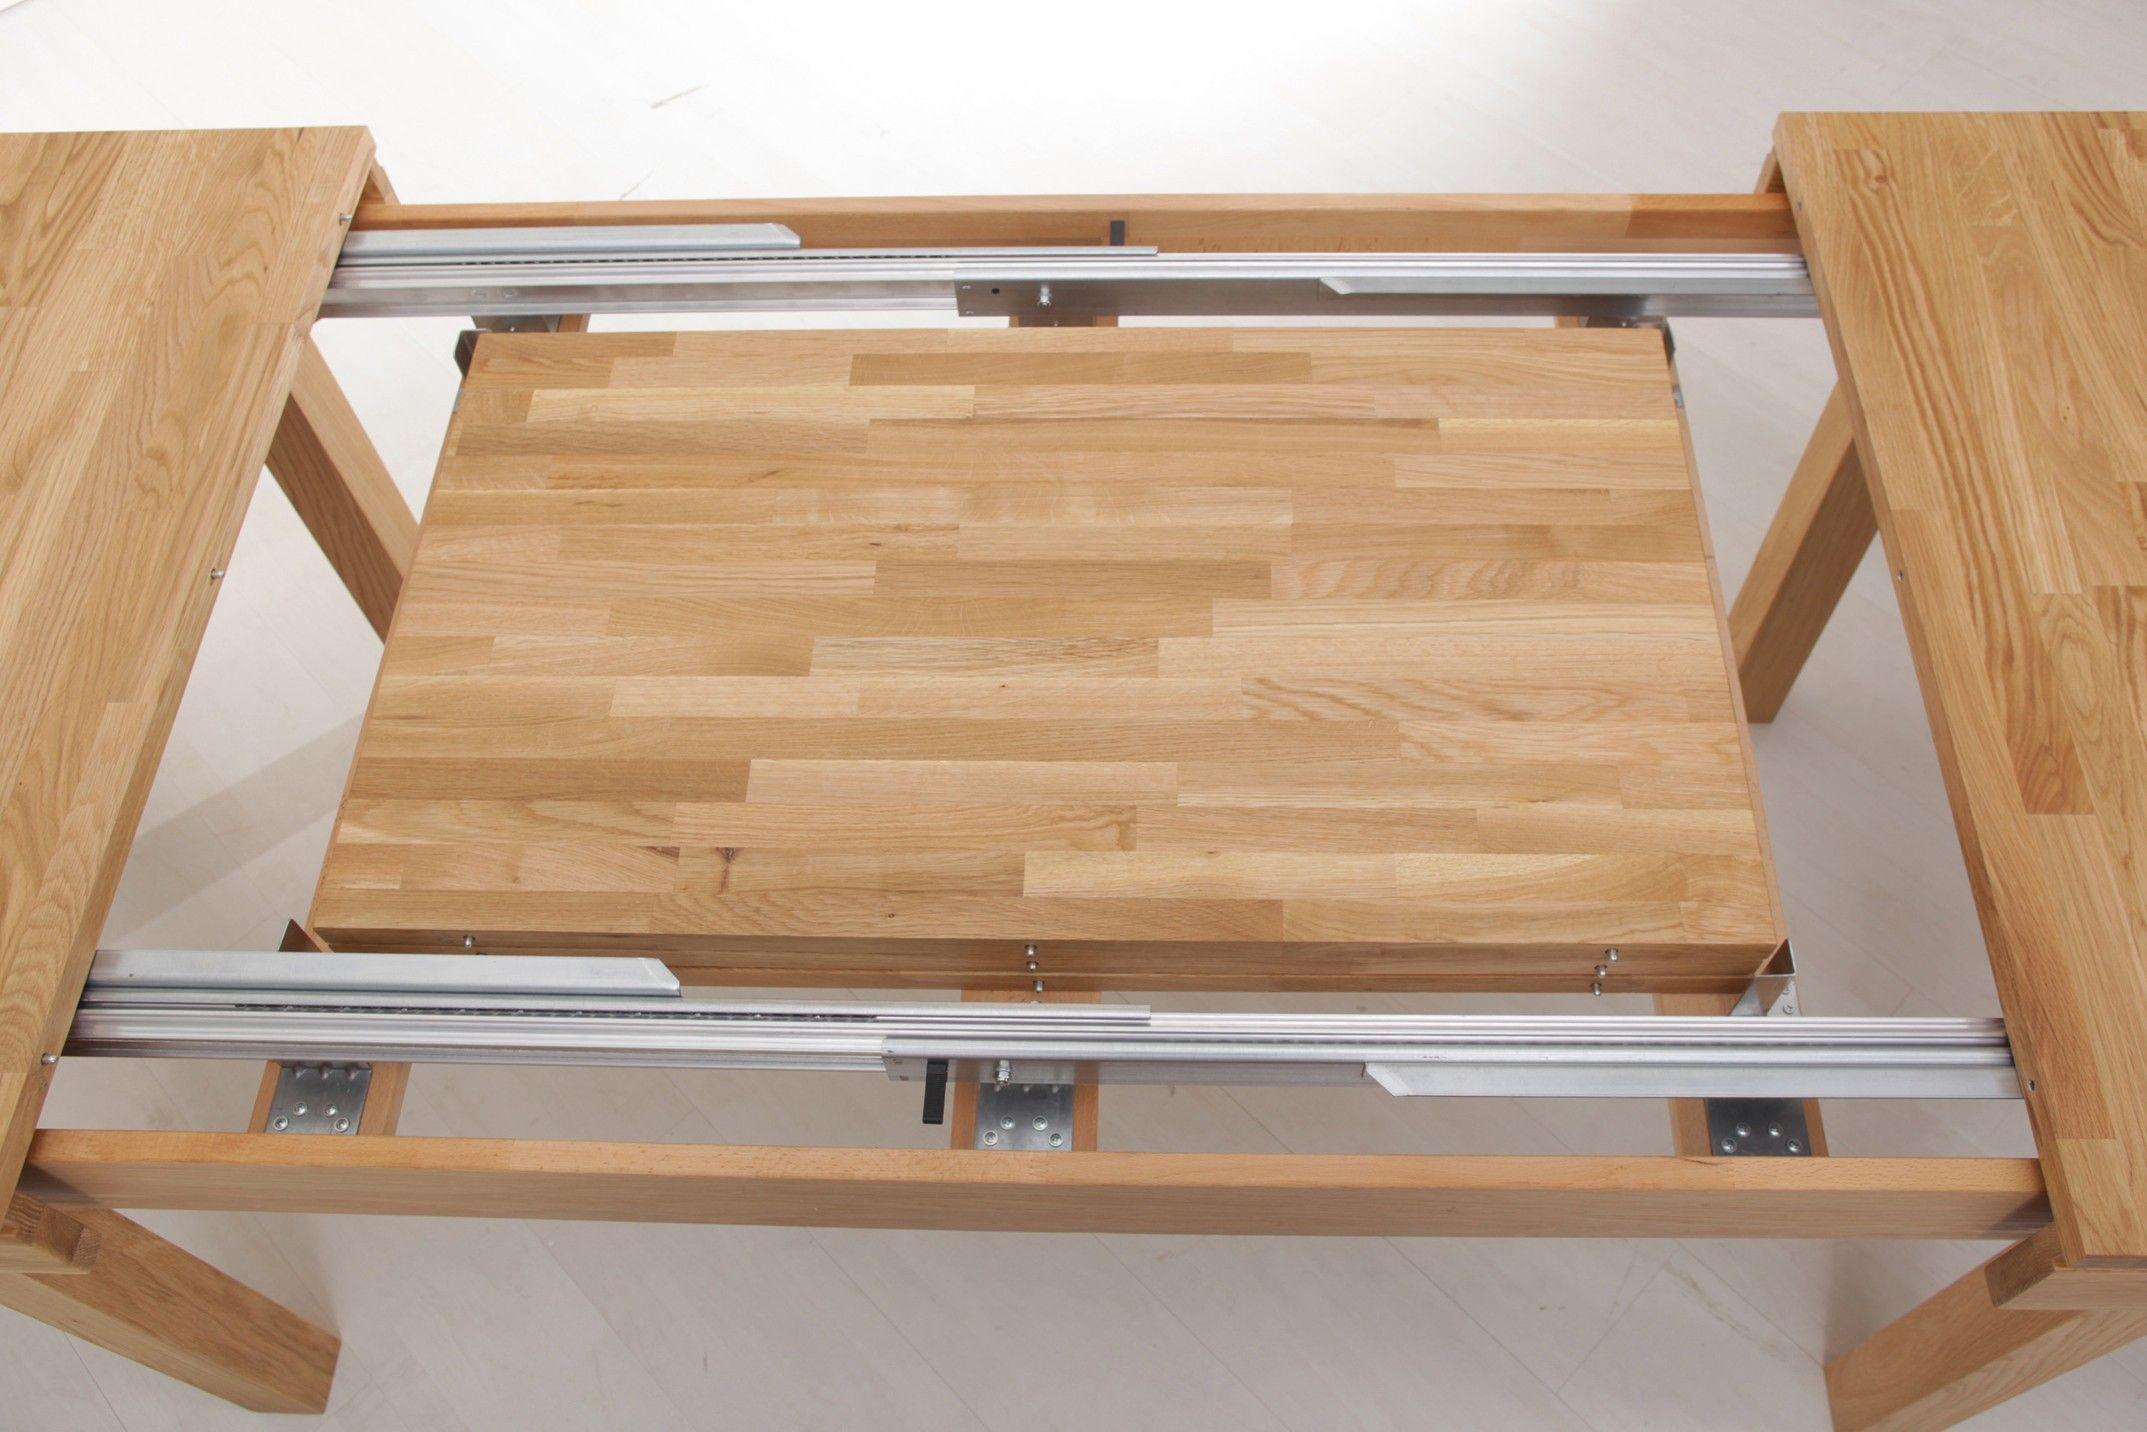 esstisch 160 x 90 cm eiche natur lackiert massiv ausziehbar auf 3 10m ideen rund ums haus. Black Bedroom Furniture Sets. Home Design Ideas